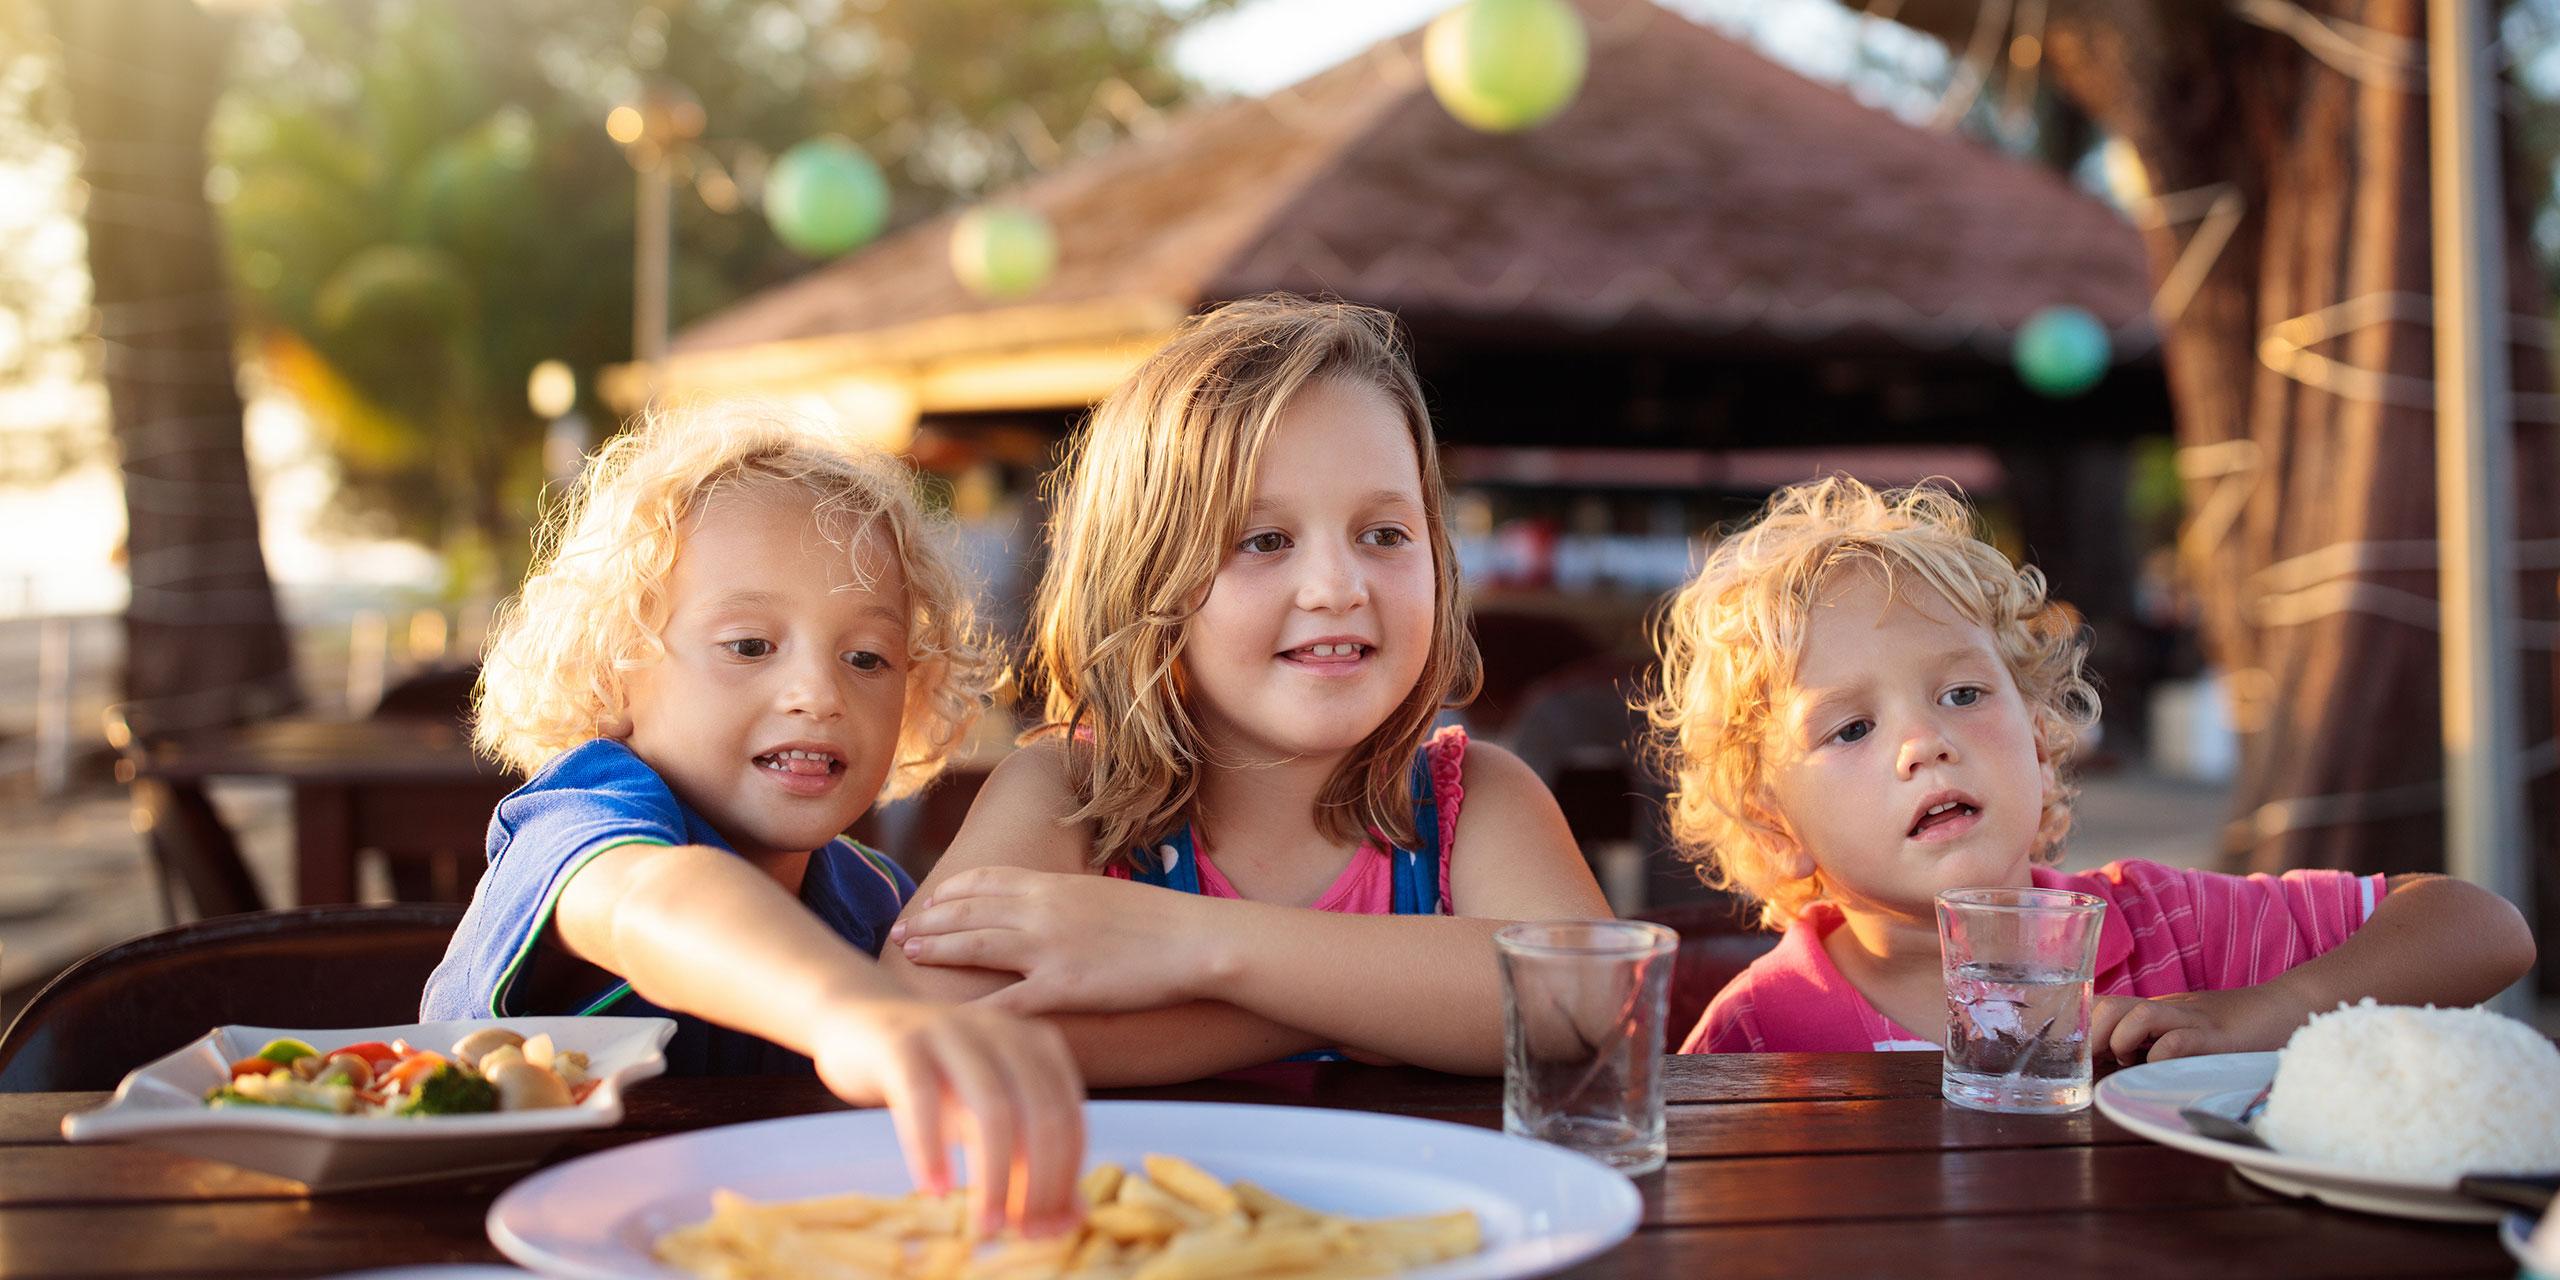 Kids Eating at Resort; Courtesy of FamVeld/Shutterstock.com